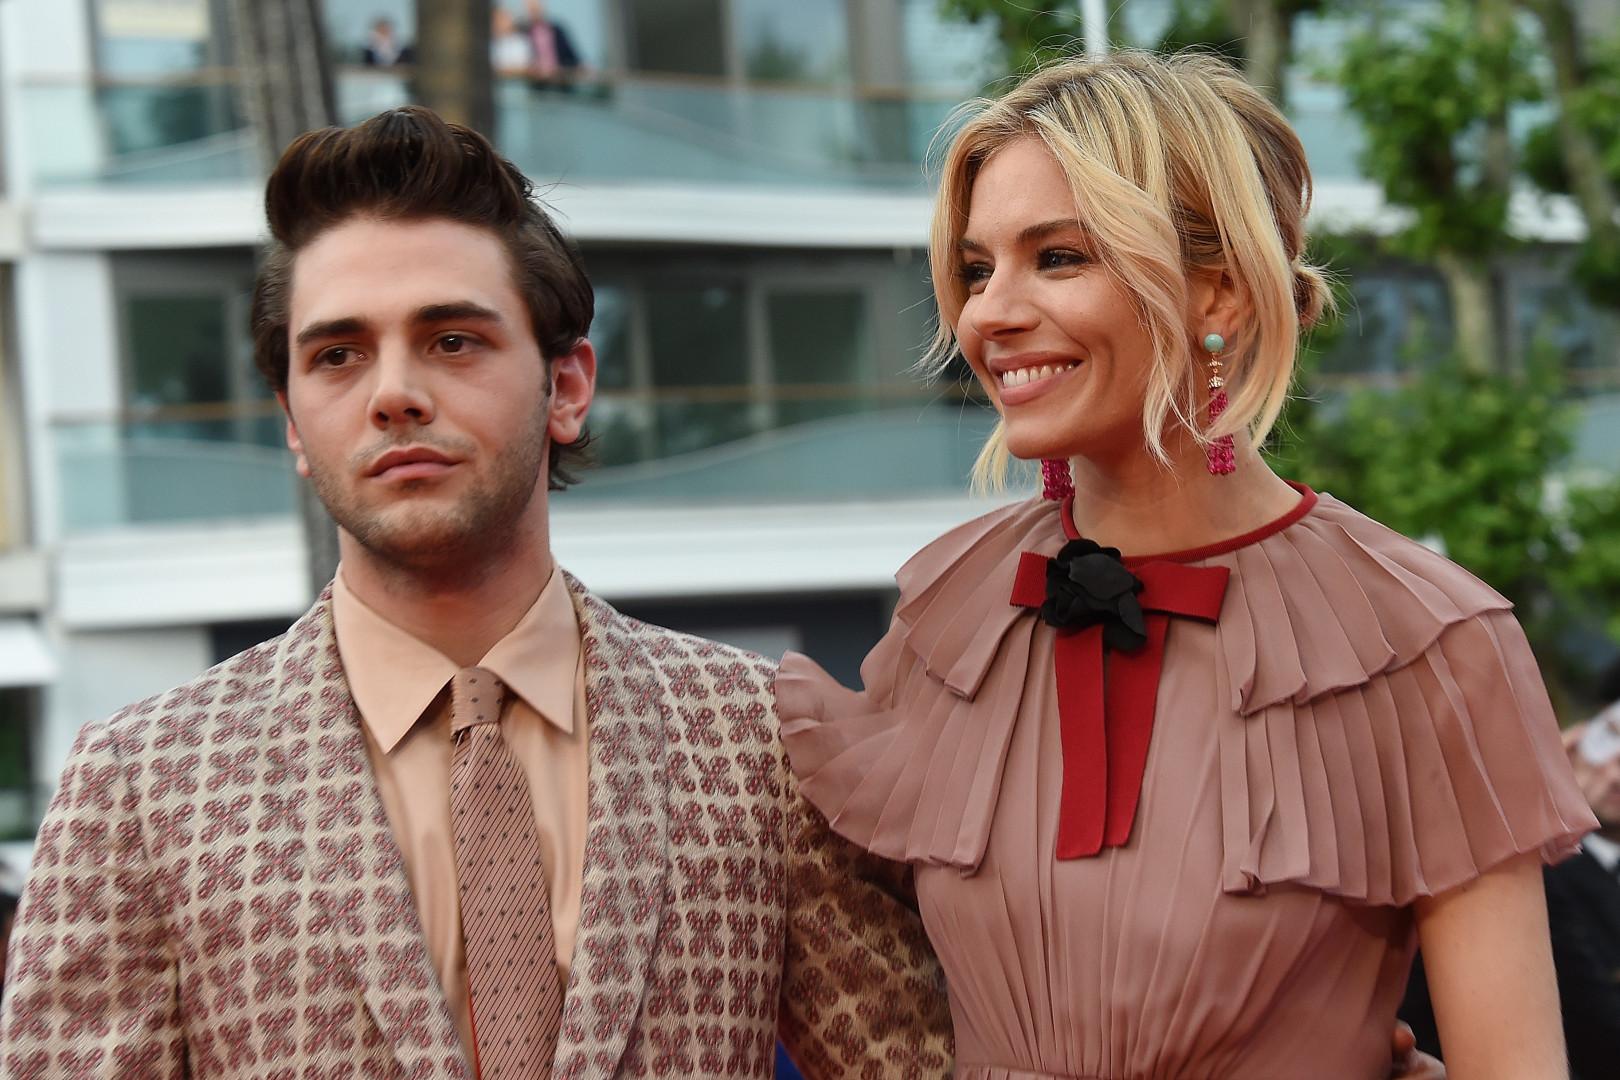 Le réalisateur Xavier Dolan avait l'air un peu fatigué aux côtés de Sienna Miller